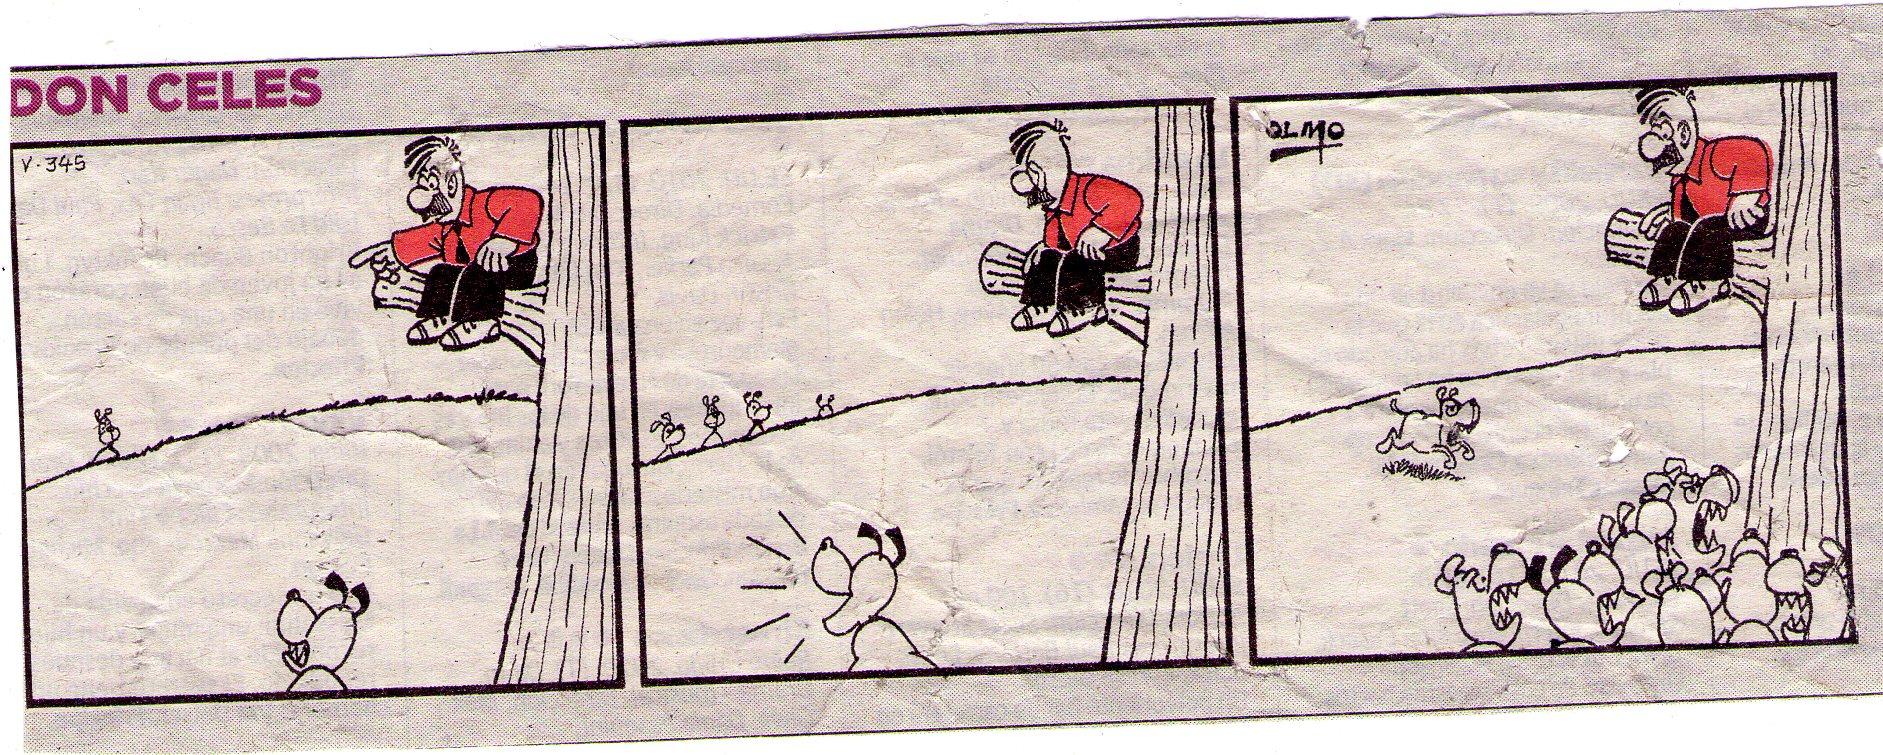 Don Celes subido a un árbol escapando del perro